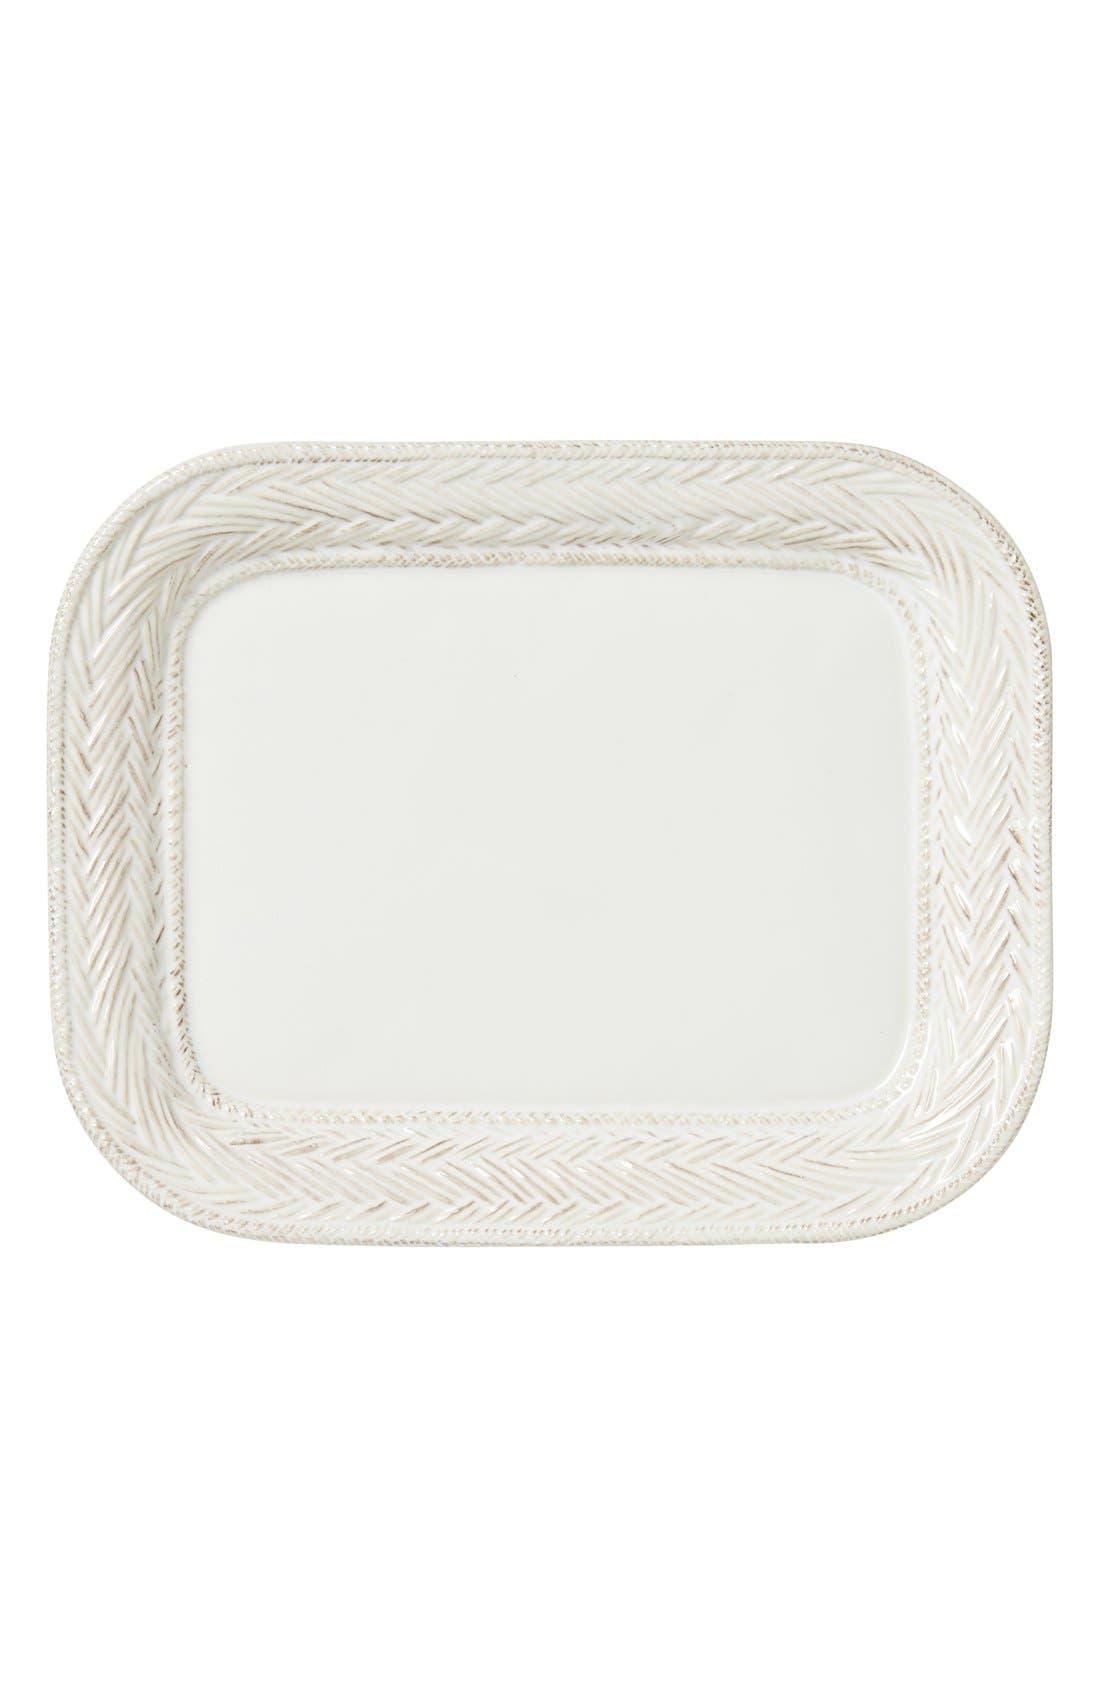 Juliska Le Panier Medium Serving Platter